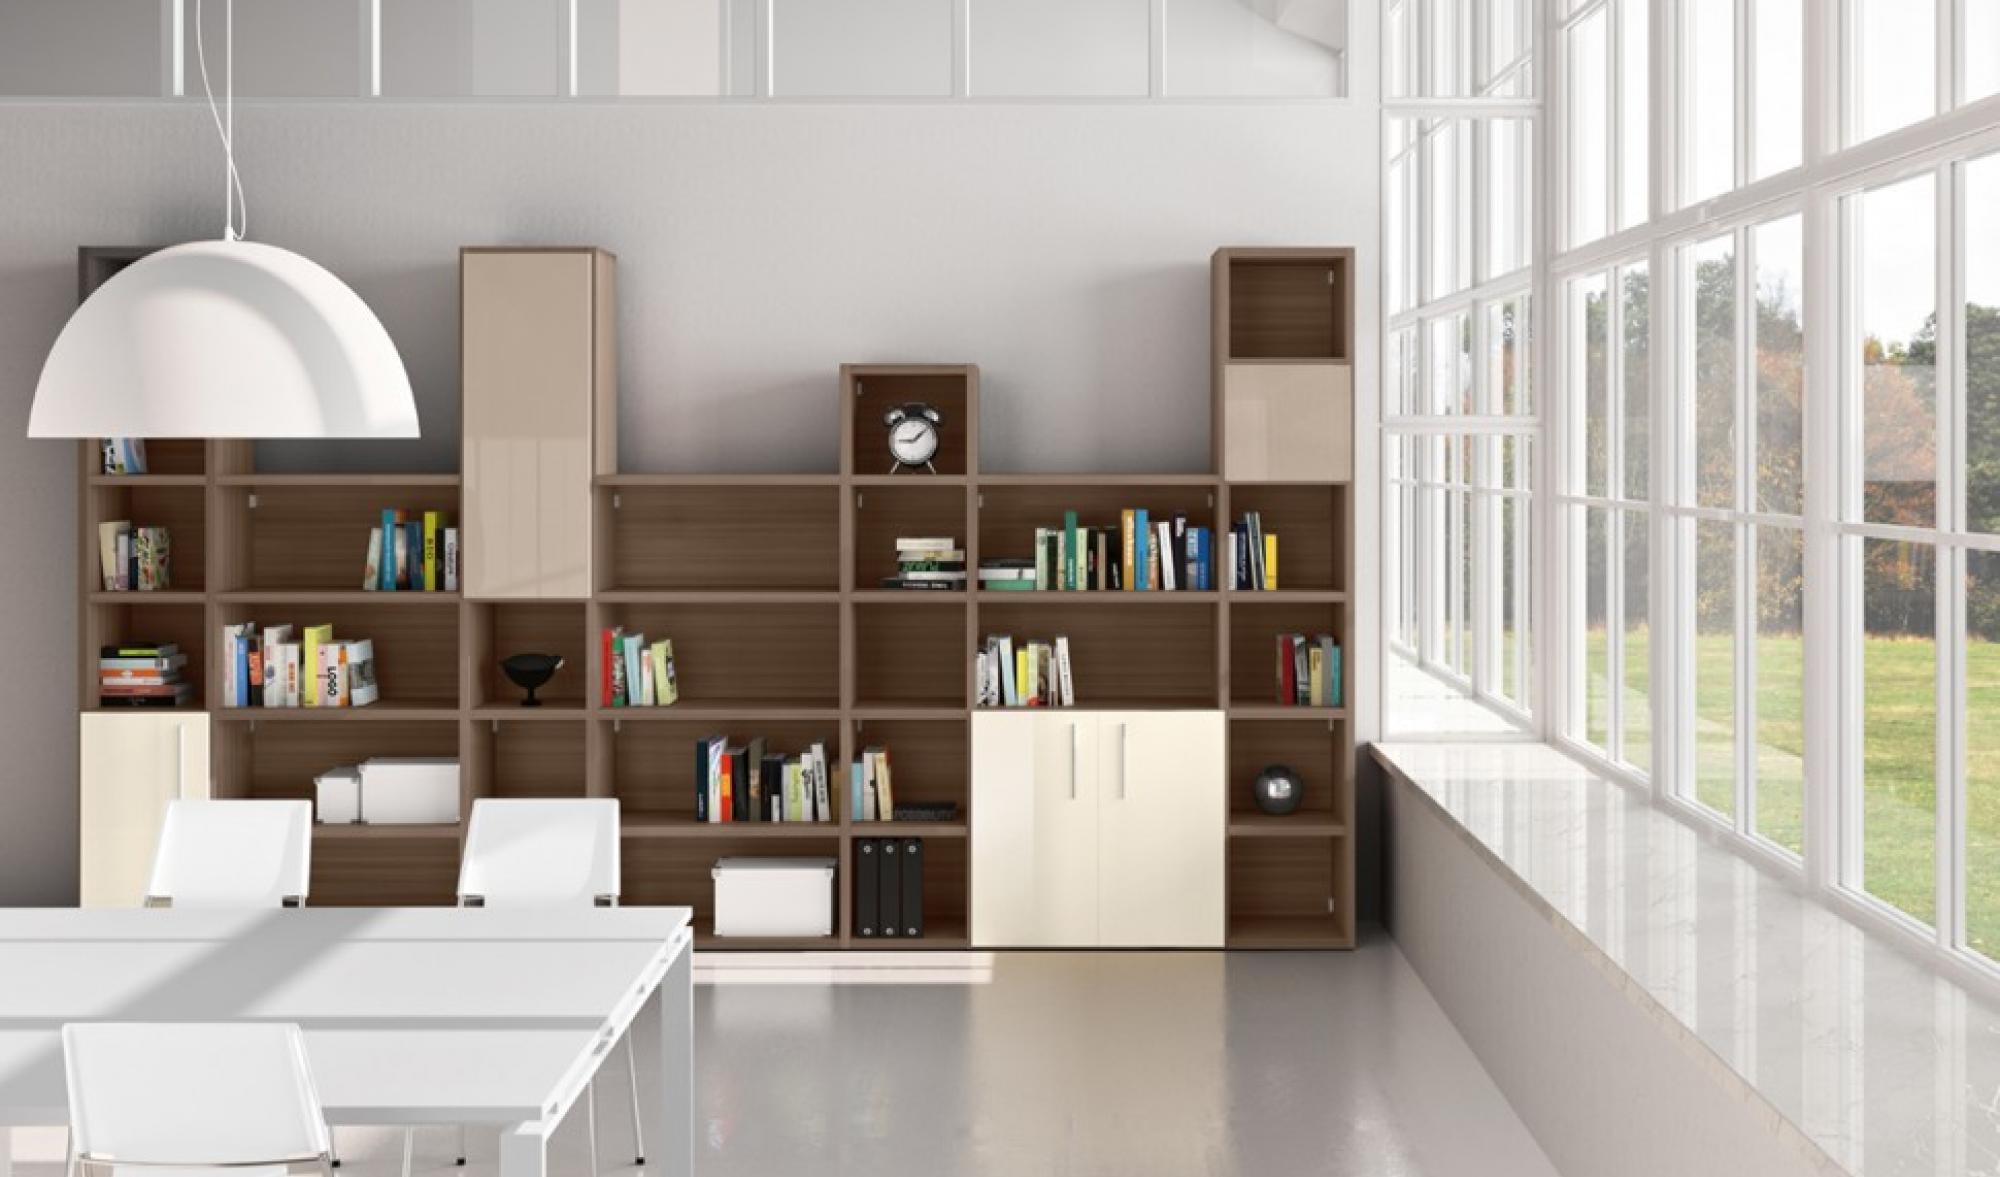 Zona giorno mobili masella for Scaffali ufficio ikea